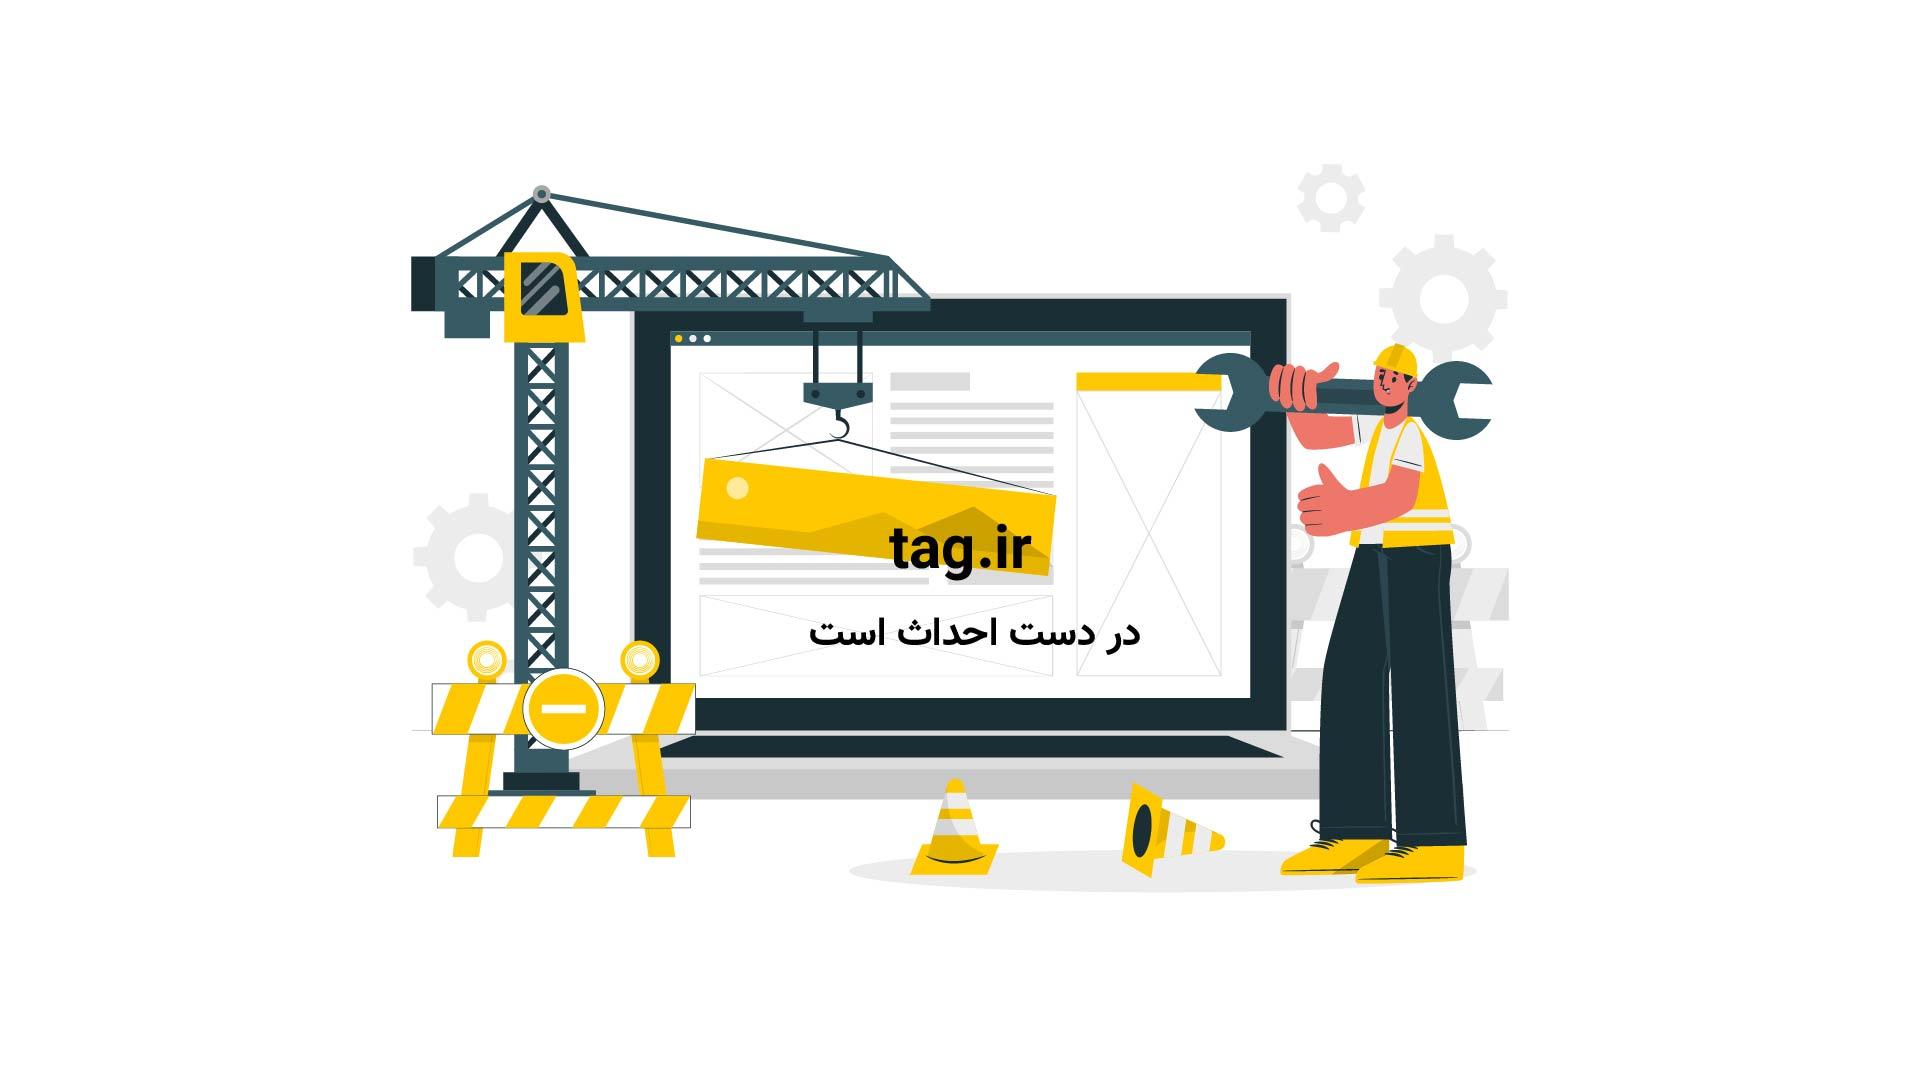 بازی موبایل فوتبال استرایک | تگ